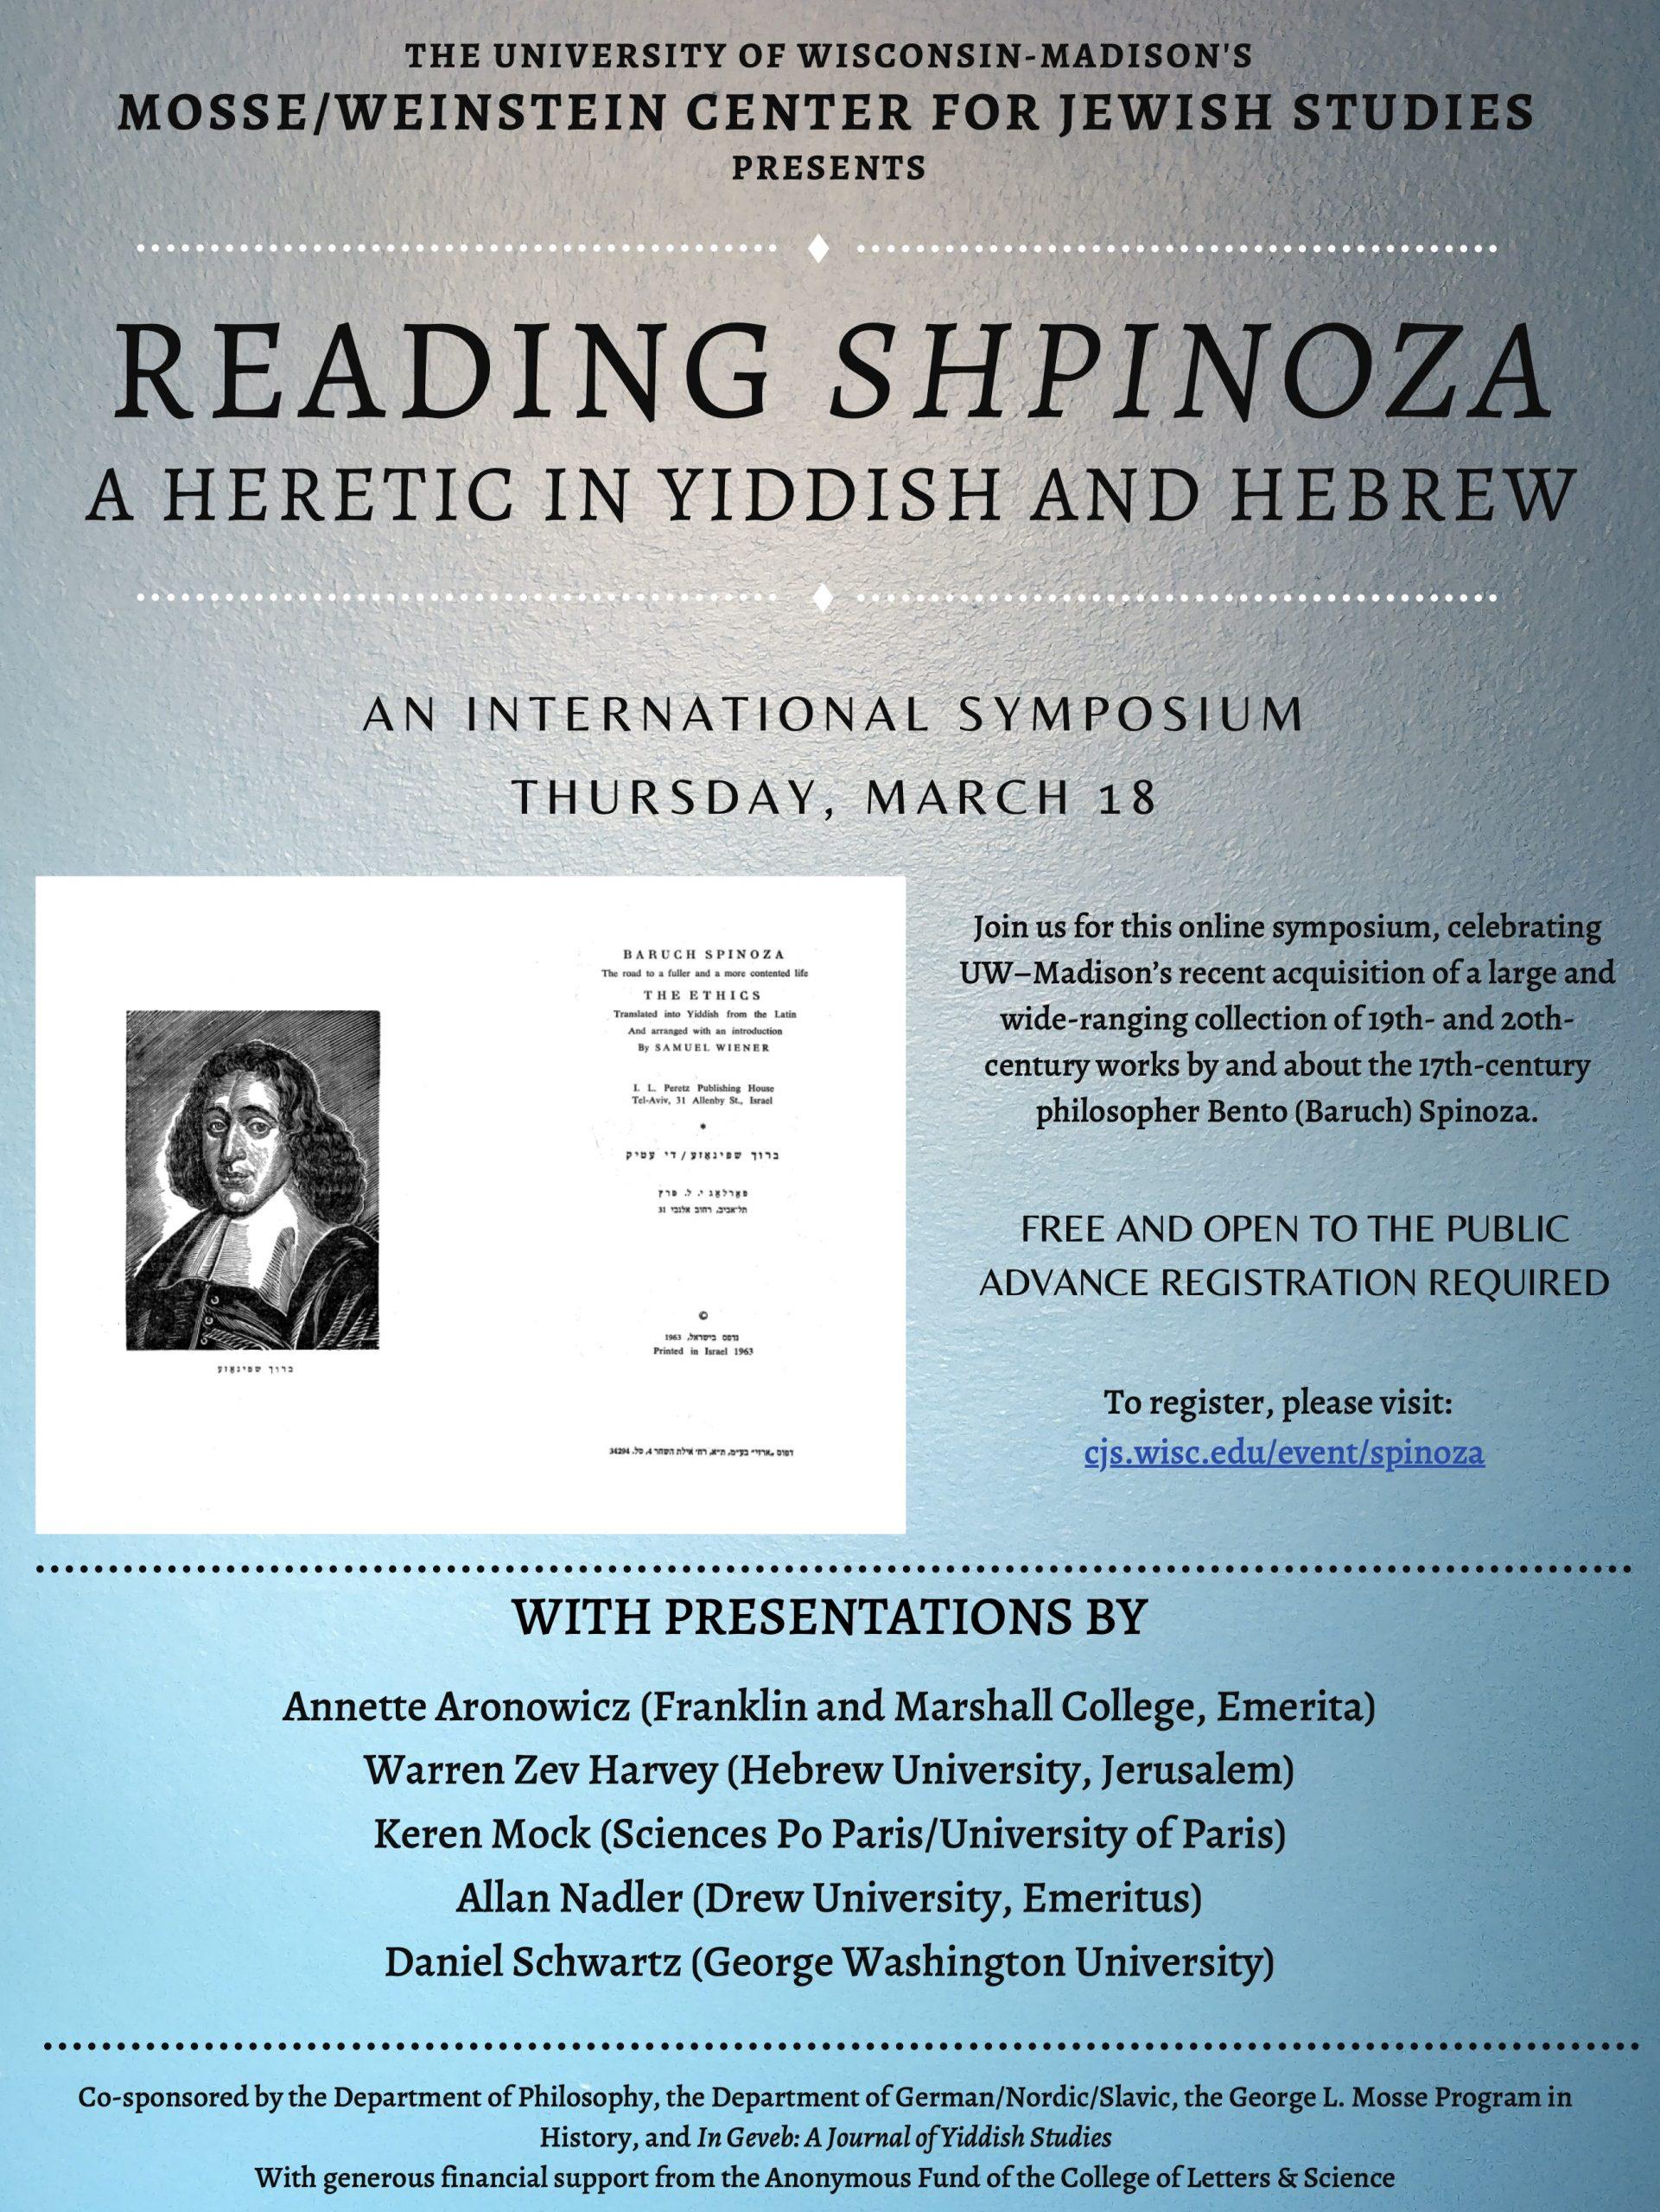 Spinoza conference